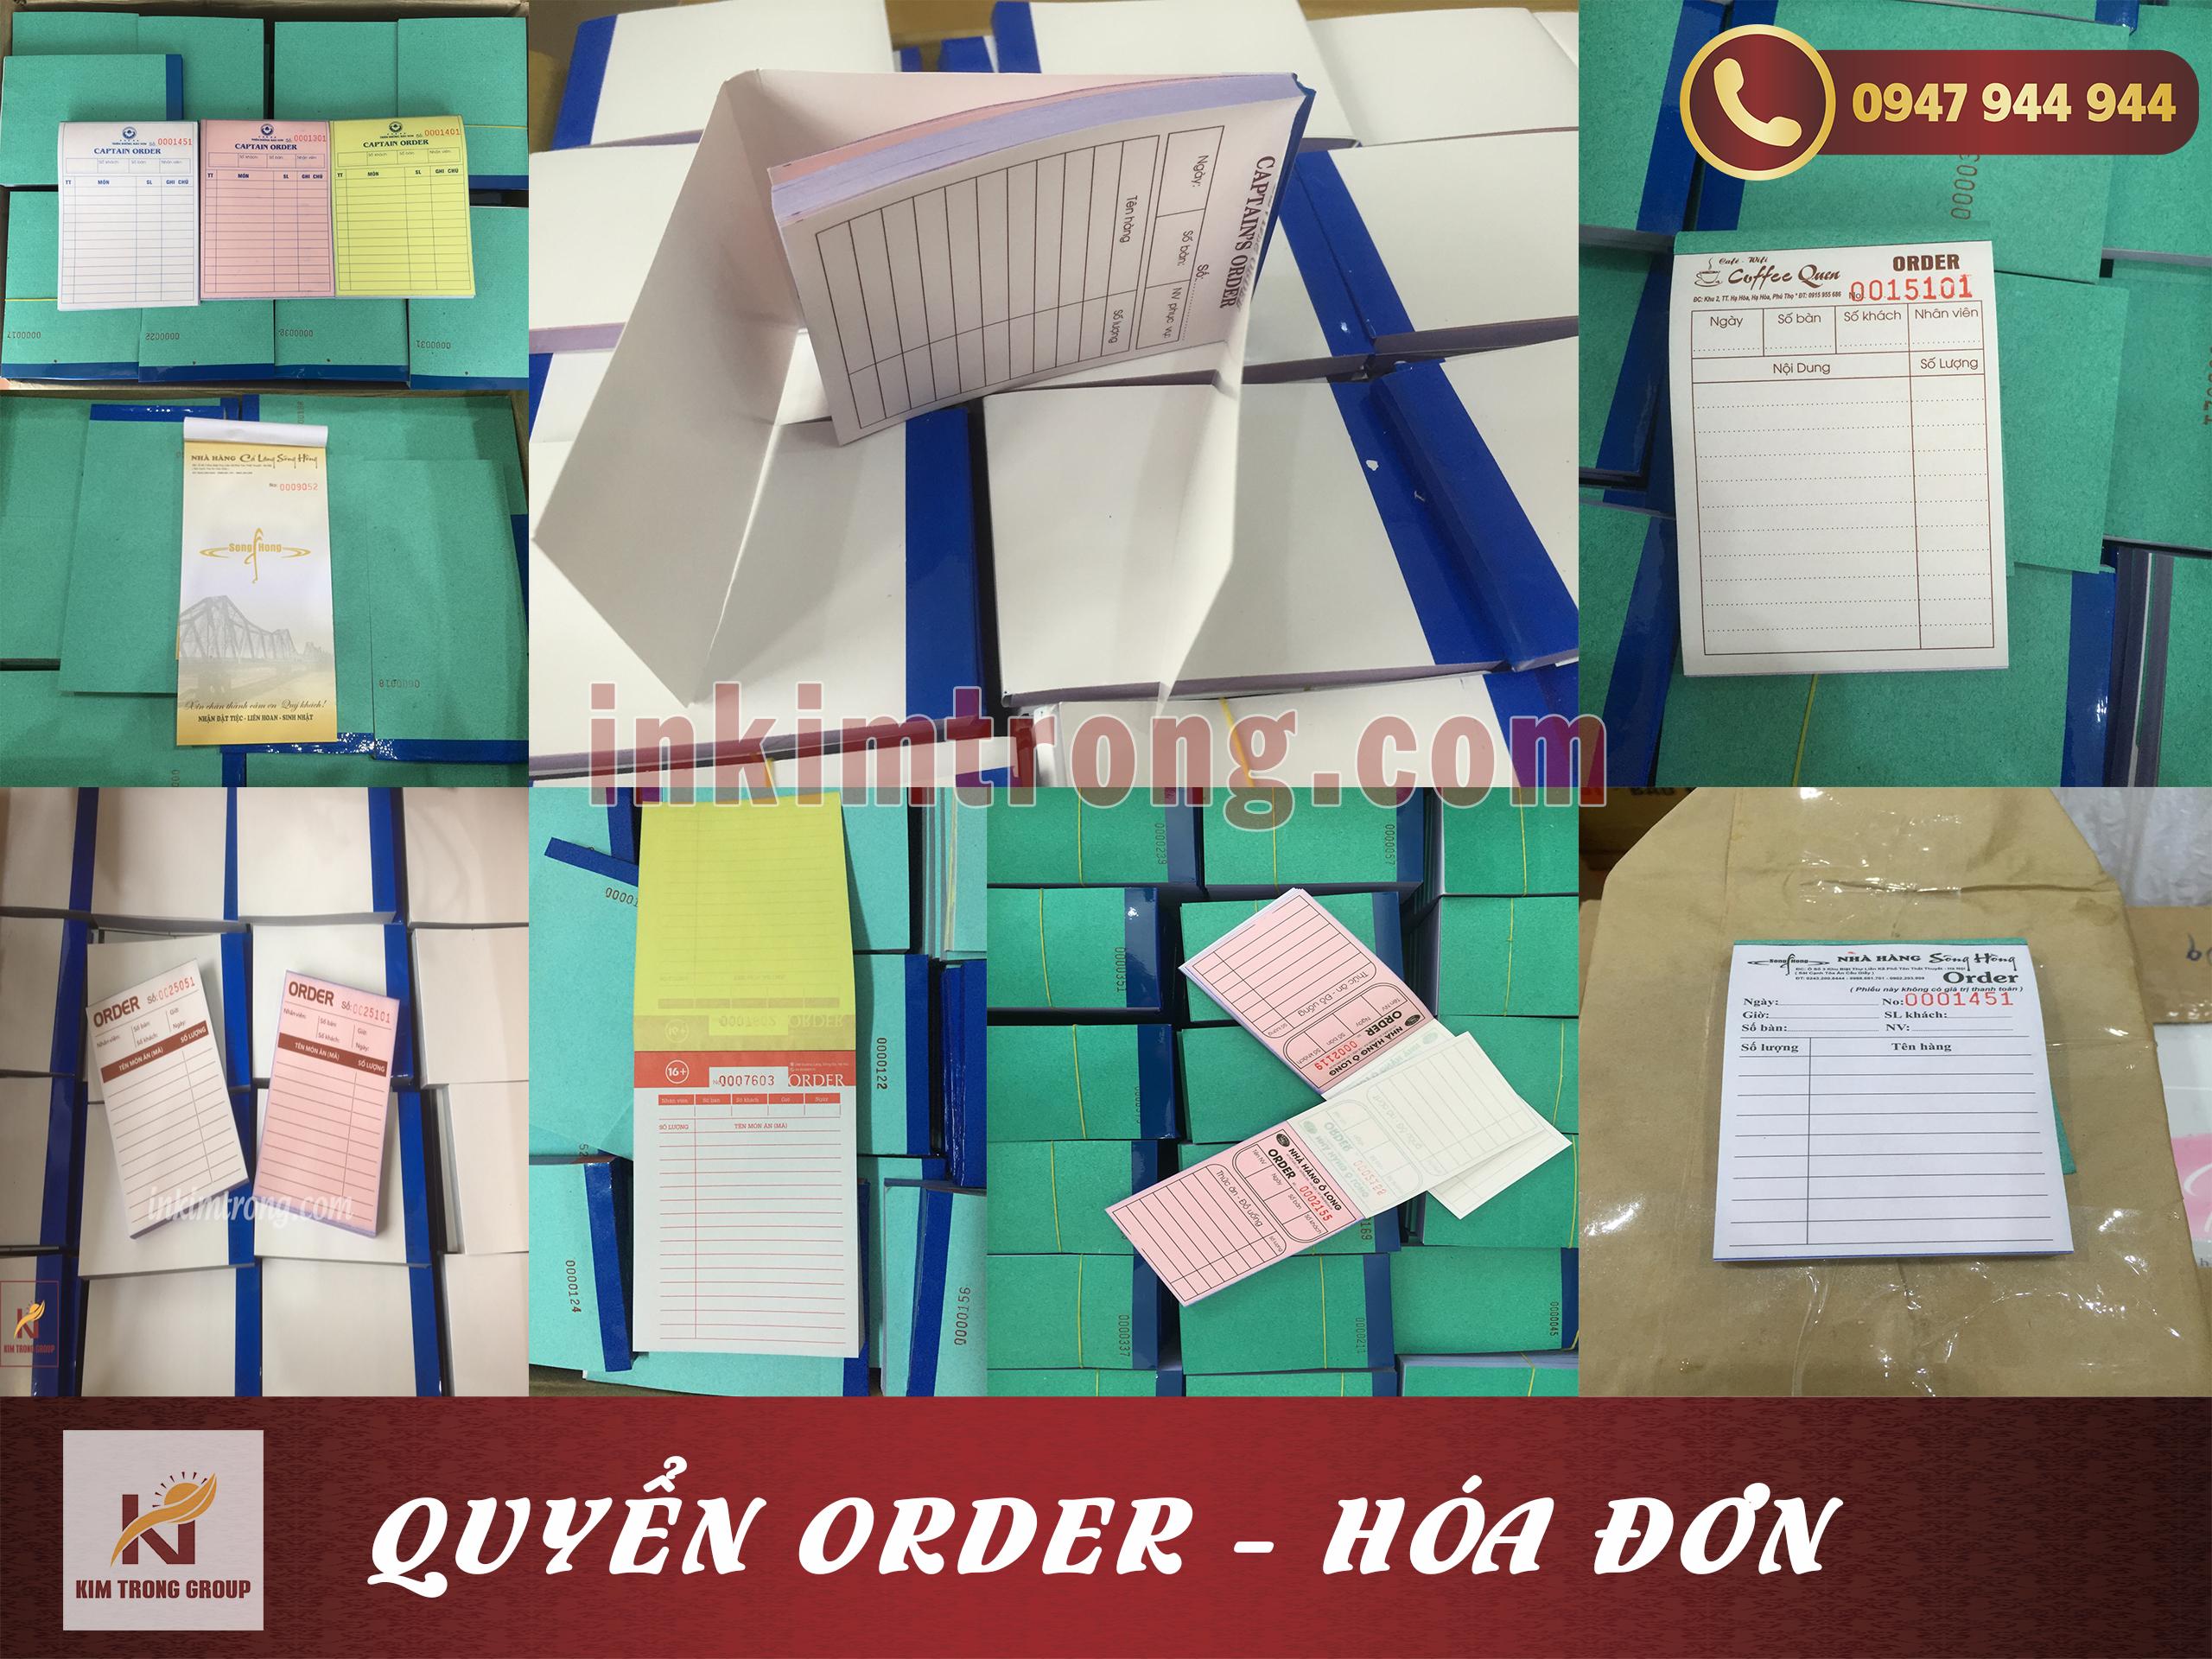 Quyển order giá rẻ tại Hà Nội